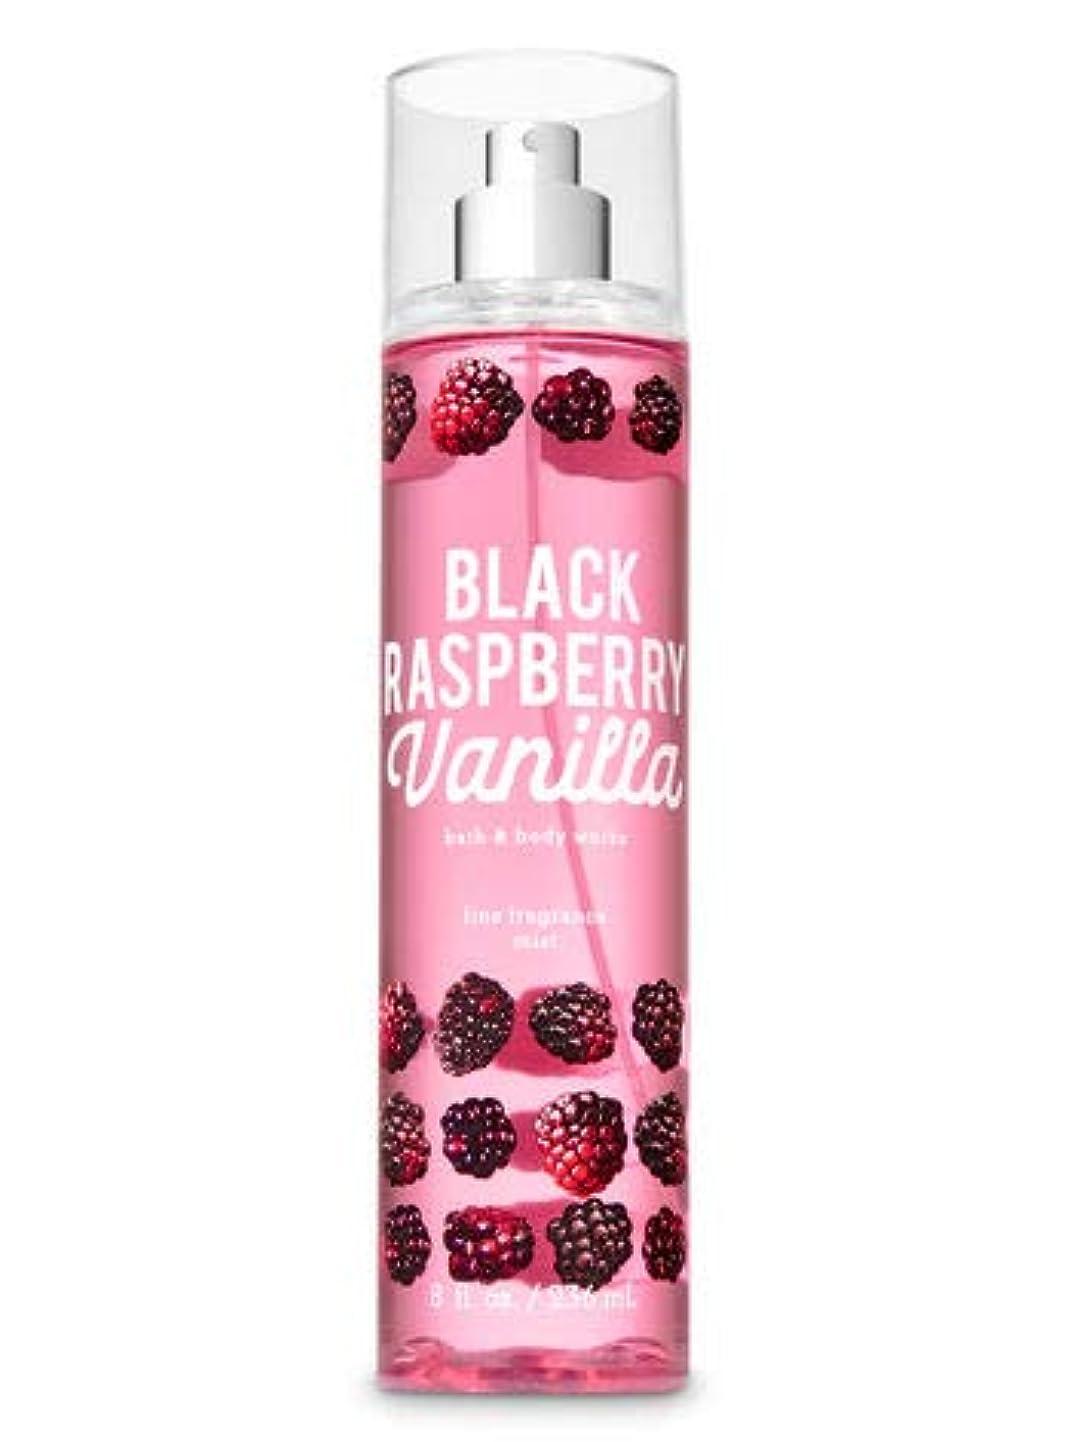 頬骨多年生物足りない【Bath&Body Works/バス&ボディワークス】 ファインフレグランスミスト ブラックラズベリーバニラ Fine Fragrance Mist Black Raspberry Vanilla 8oz (236ml) [並行輸入品]